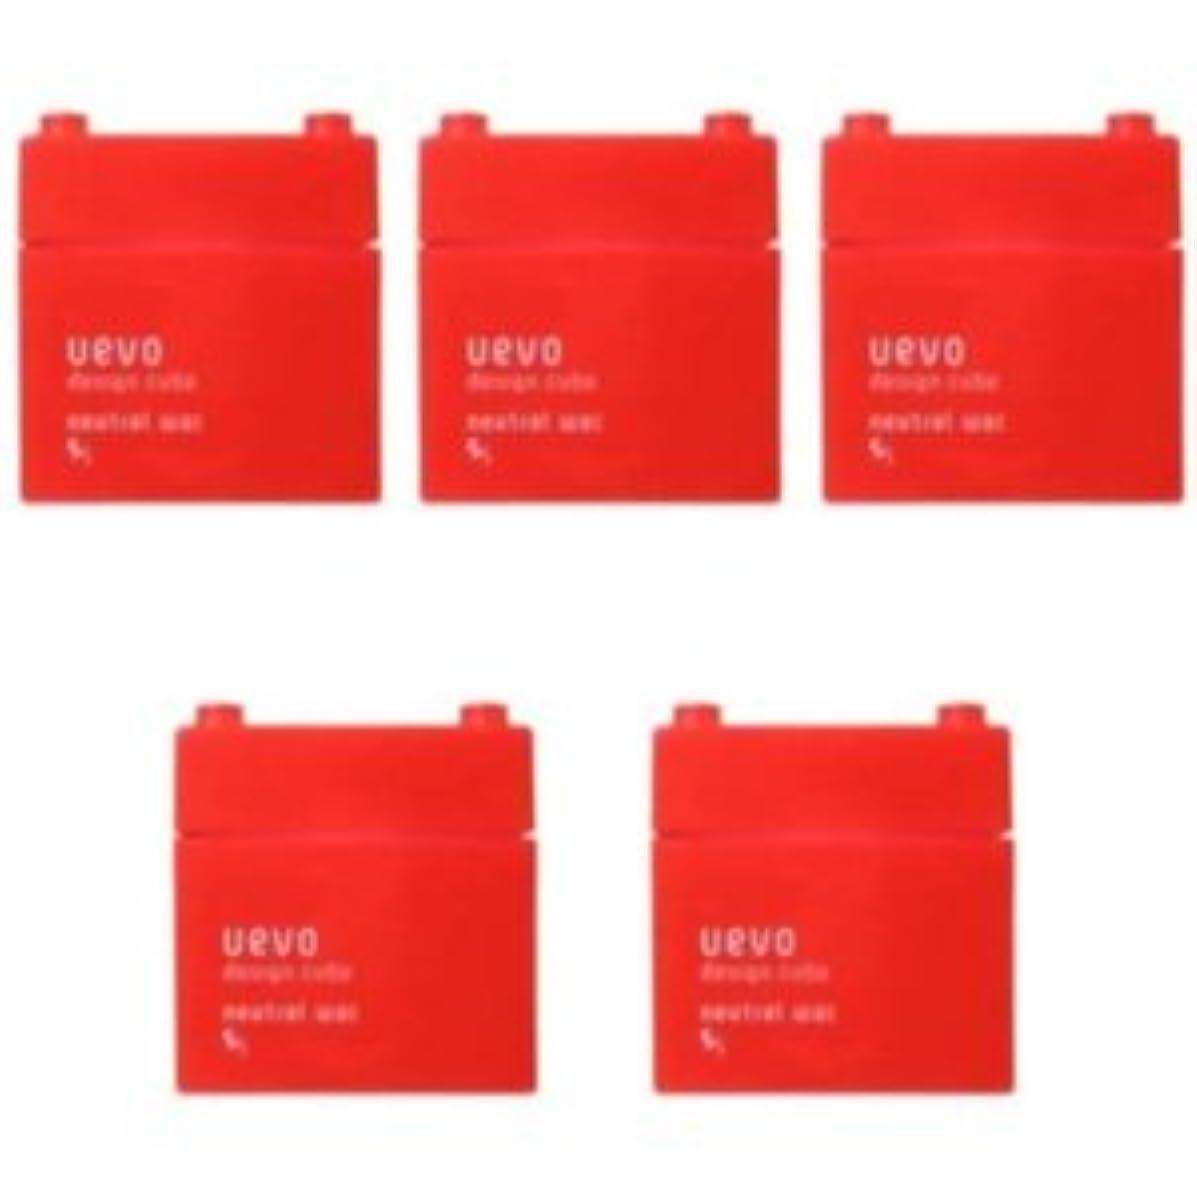 読みやすさ漁師記念品【X5個セット】 デミ ウェーボ デザインキューブ ニュートラルワックス 80g neutral wax DEMI uevo design cube